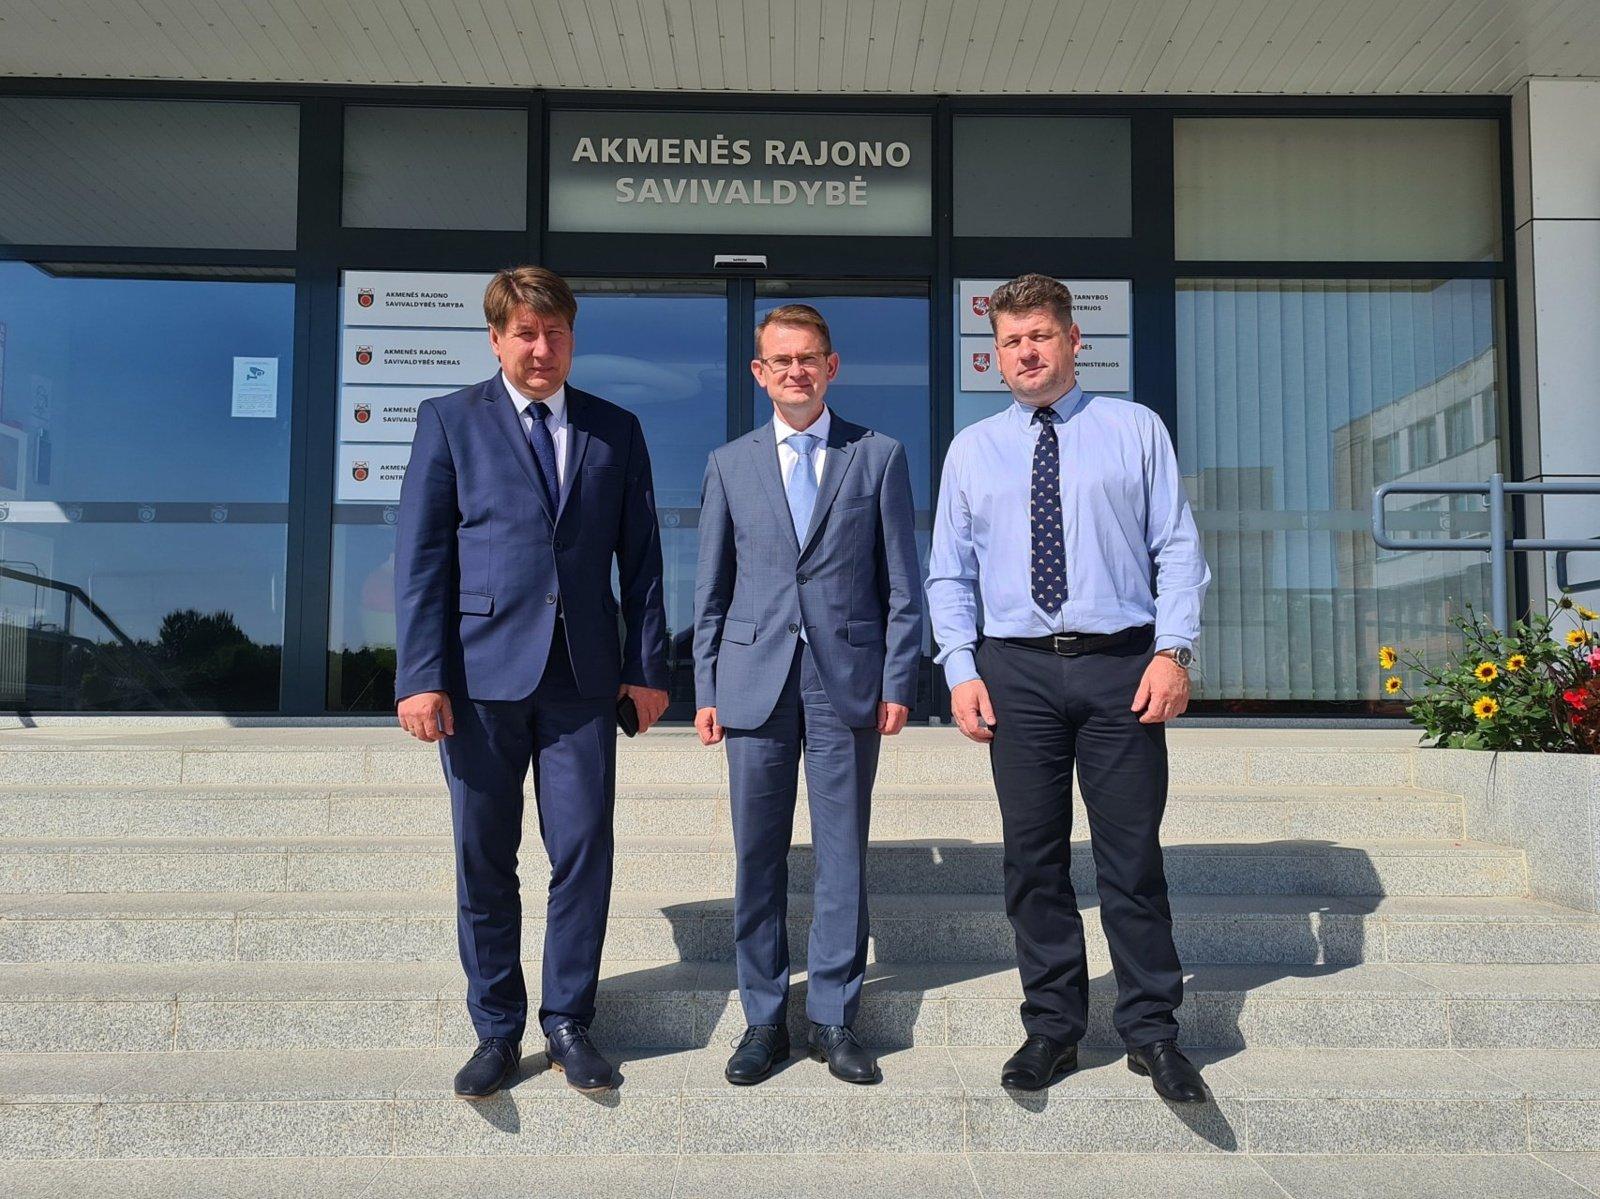 Akmenės rajono savivaldybėje lankėsi sveikatos apsaugos ministras Arūnas Dulkys